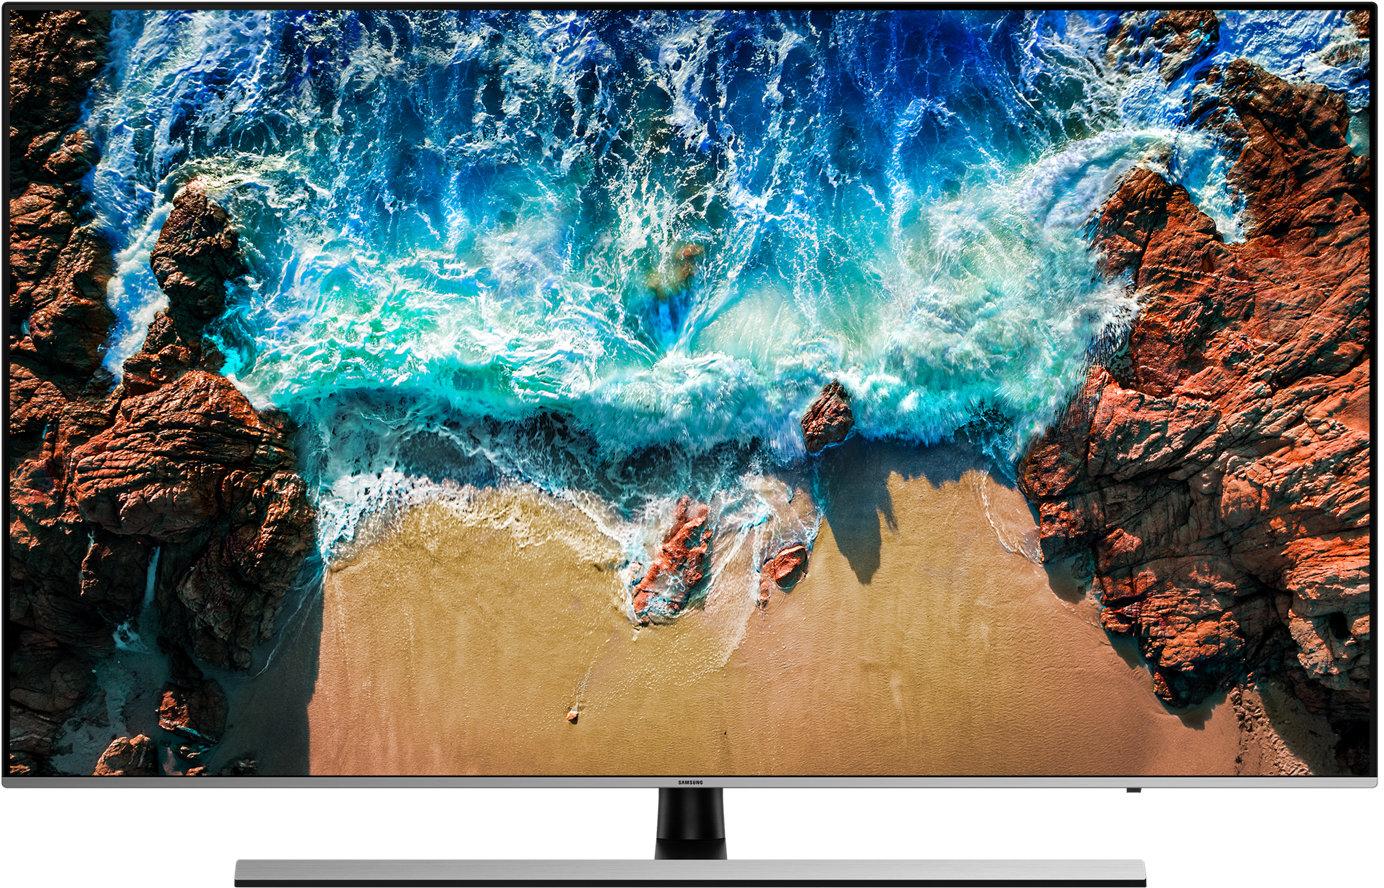 Samsung UE55Nu8000 kopen tijdens black friday vergelijk hier